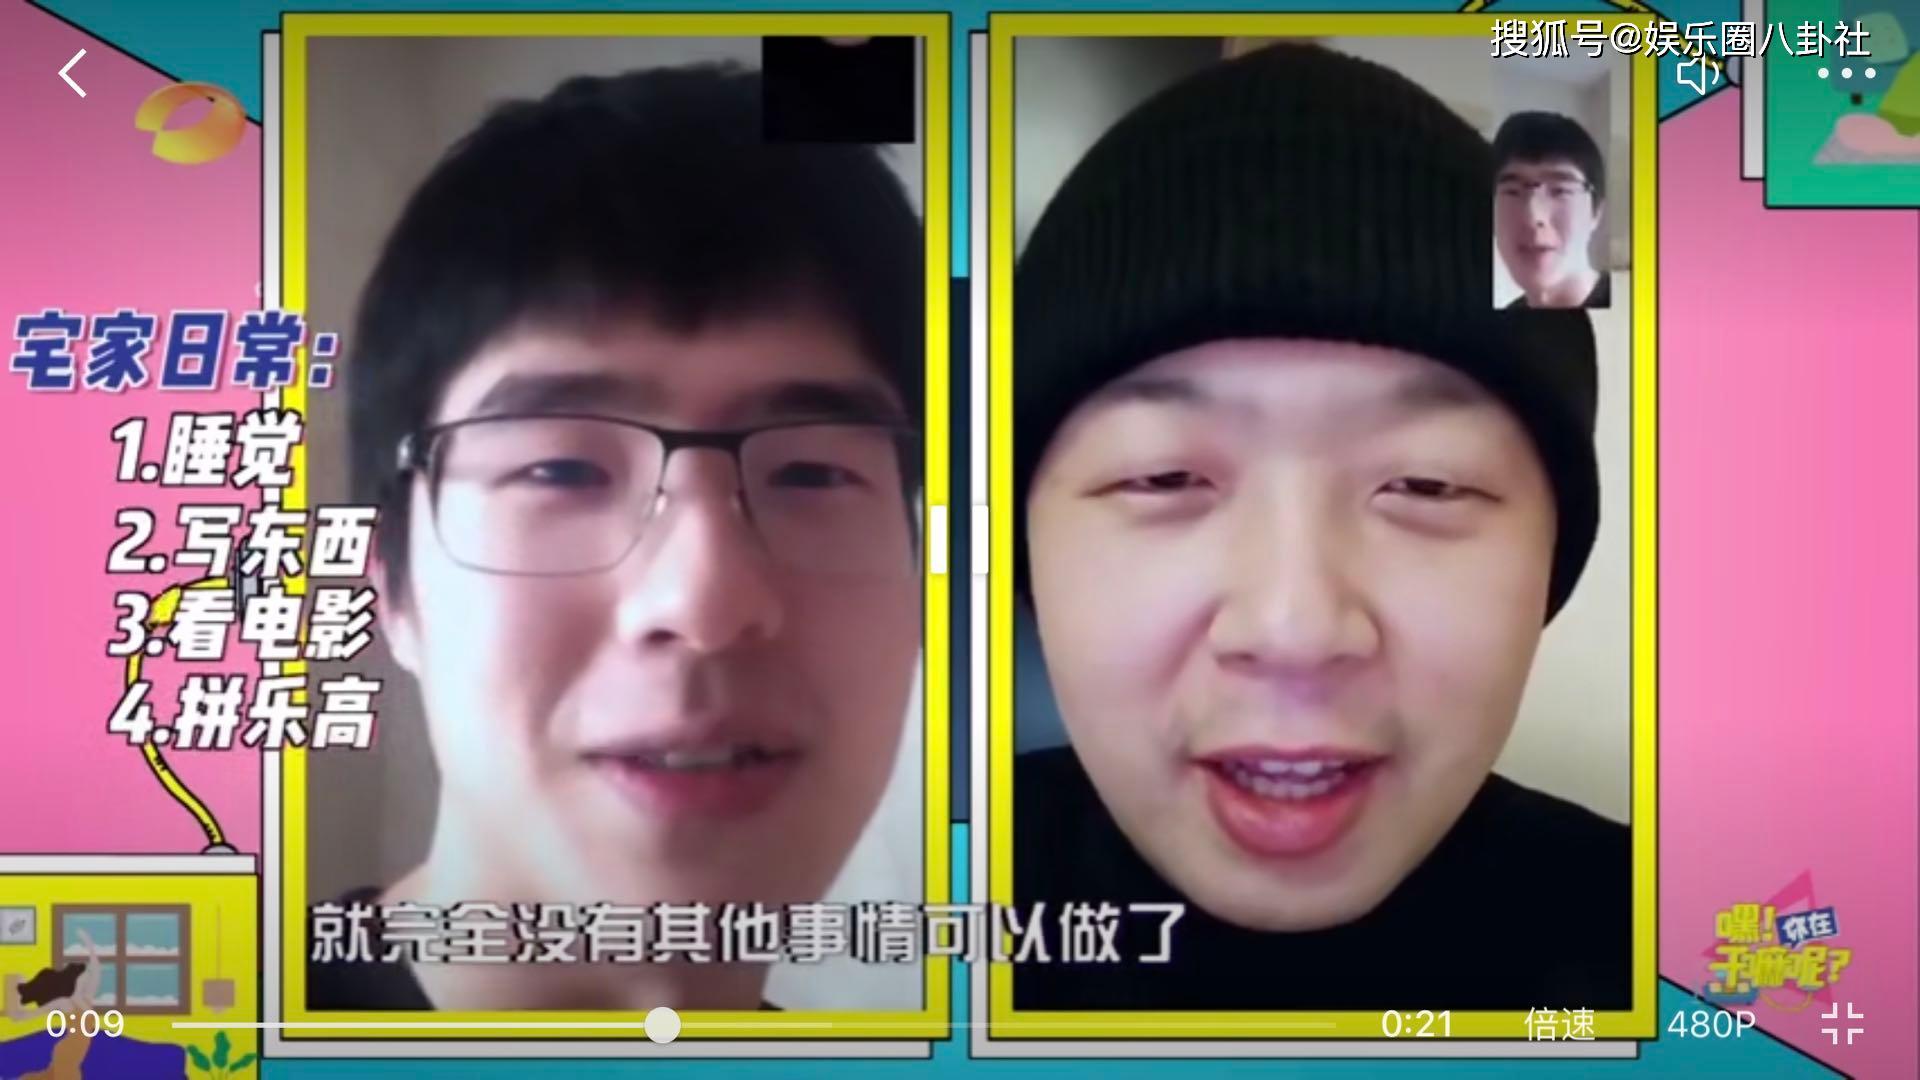 刘昊然在家写论文 刘昊然还没有毕业吗具体始末曝光太搞笑